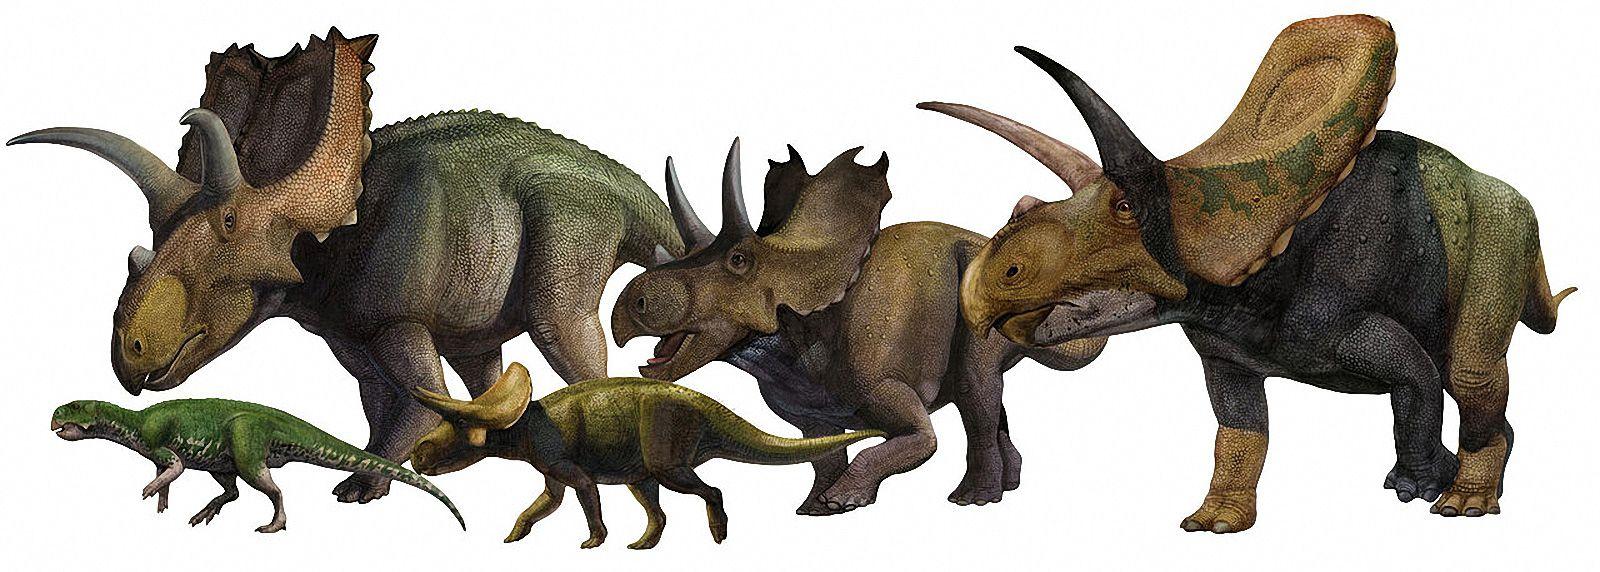 Ceratopsia © Sergey Krasovskiy